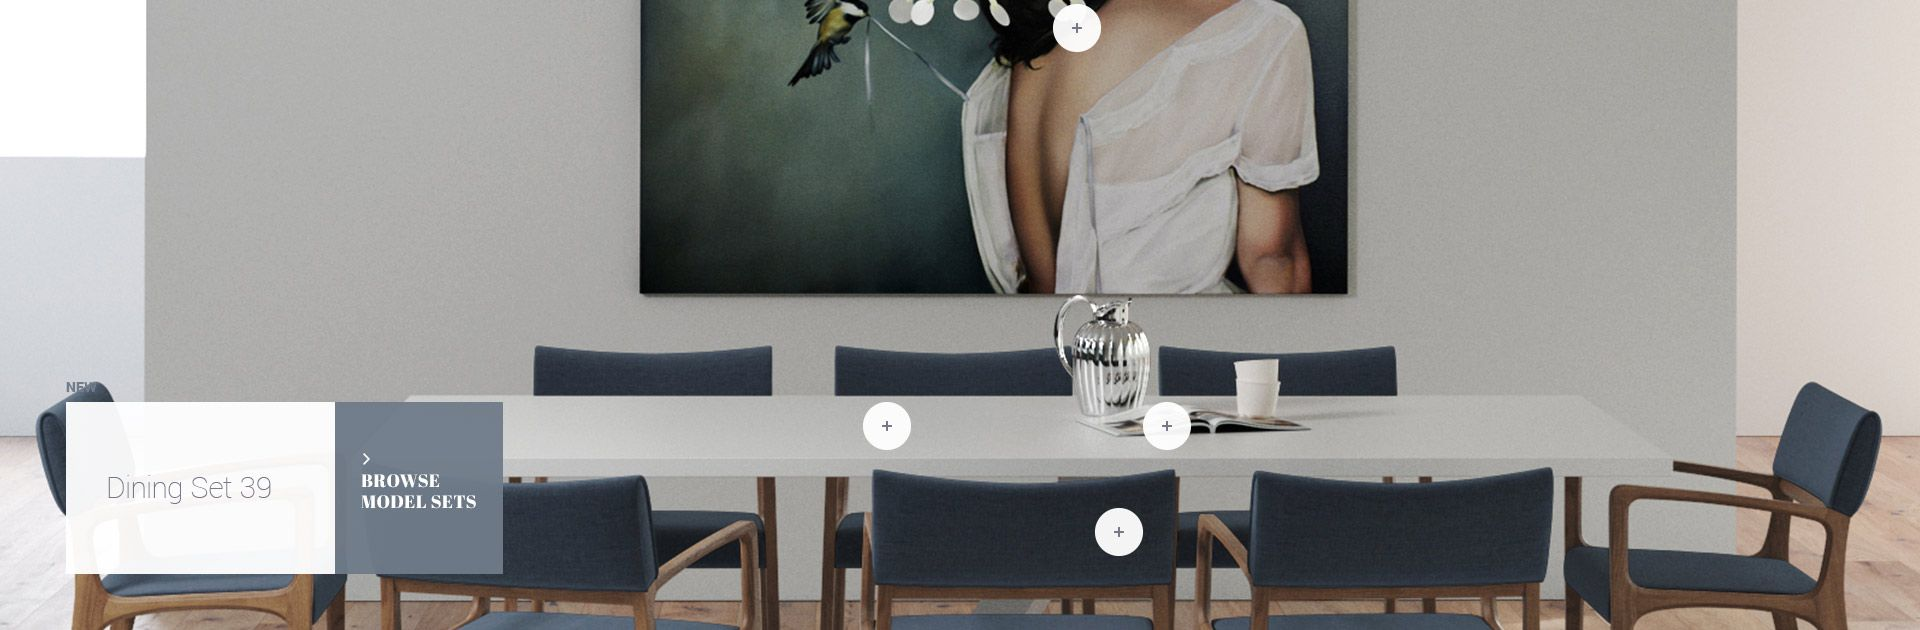 Design Connected 3d models of furniture for interior design